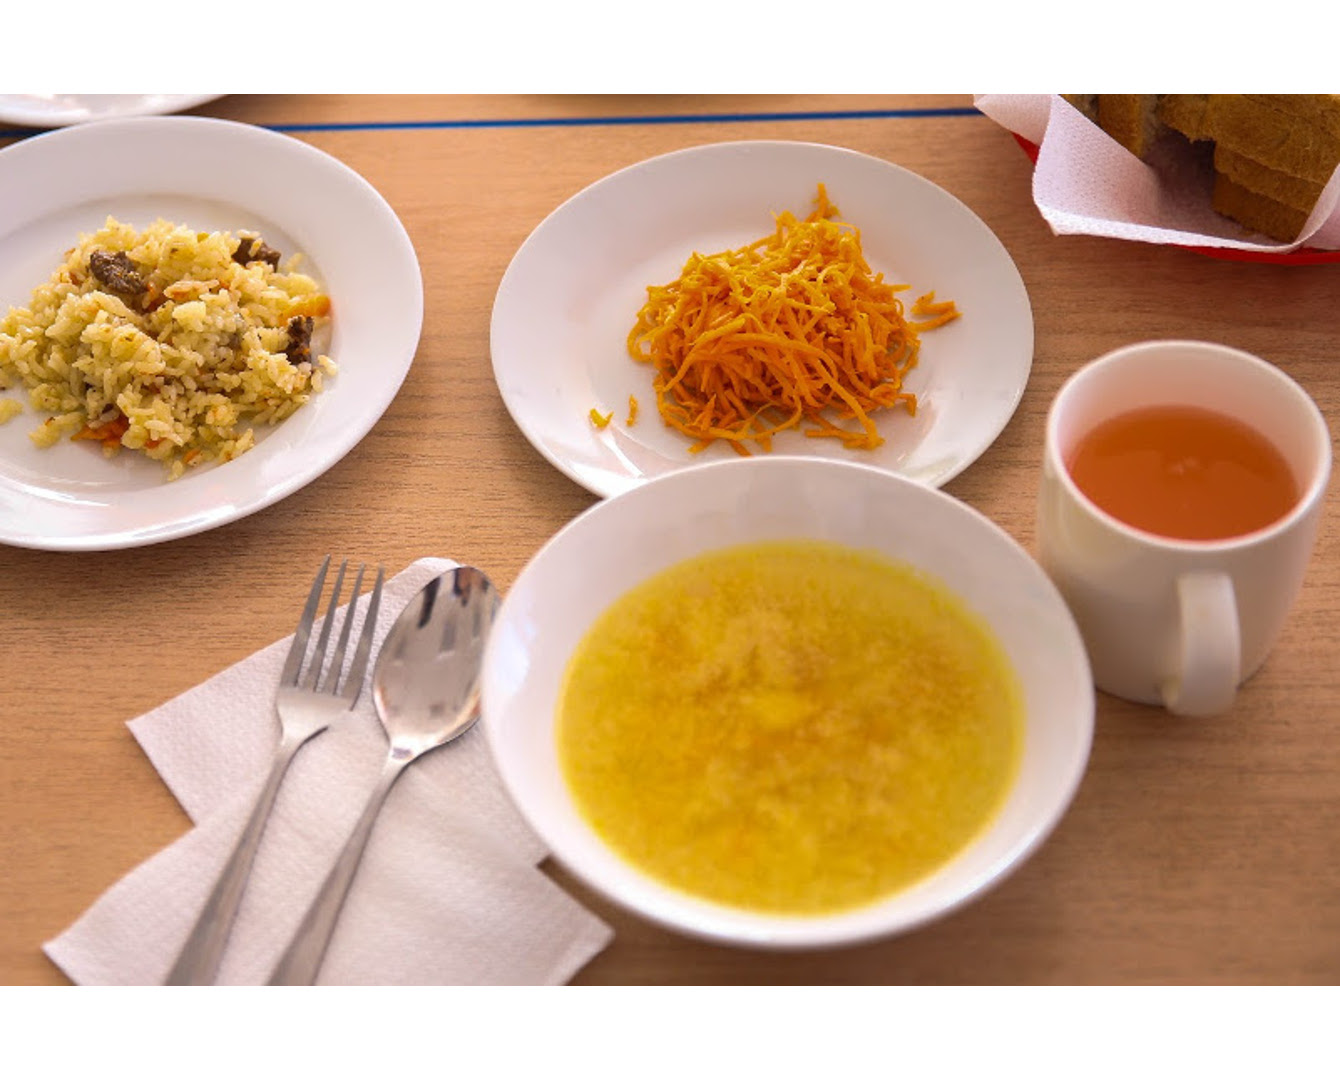 Ученики начальных классов Павлодарской области будут получать бесплатное горячее питание с 2020 года